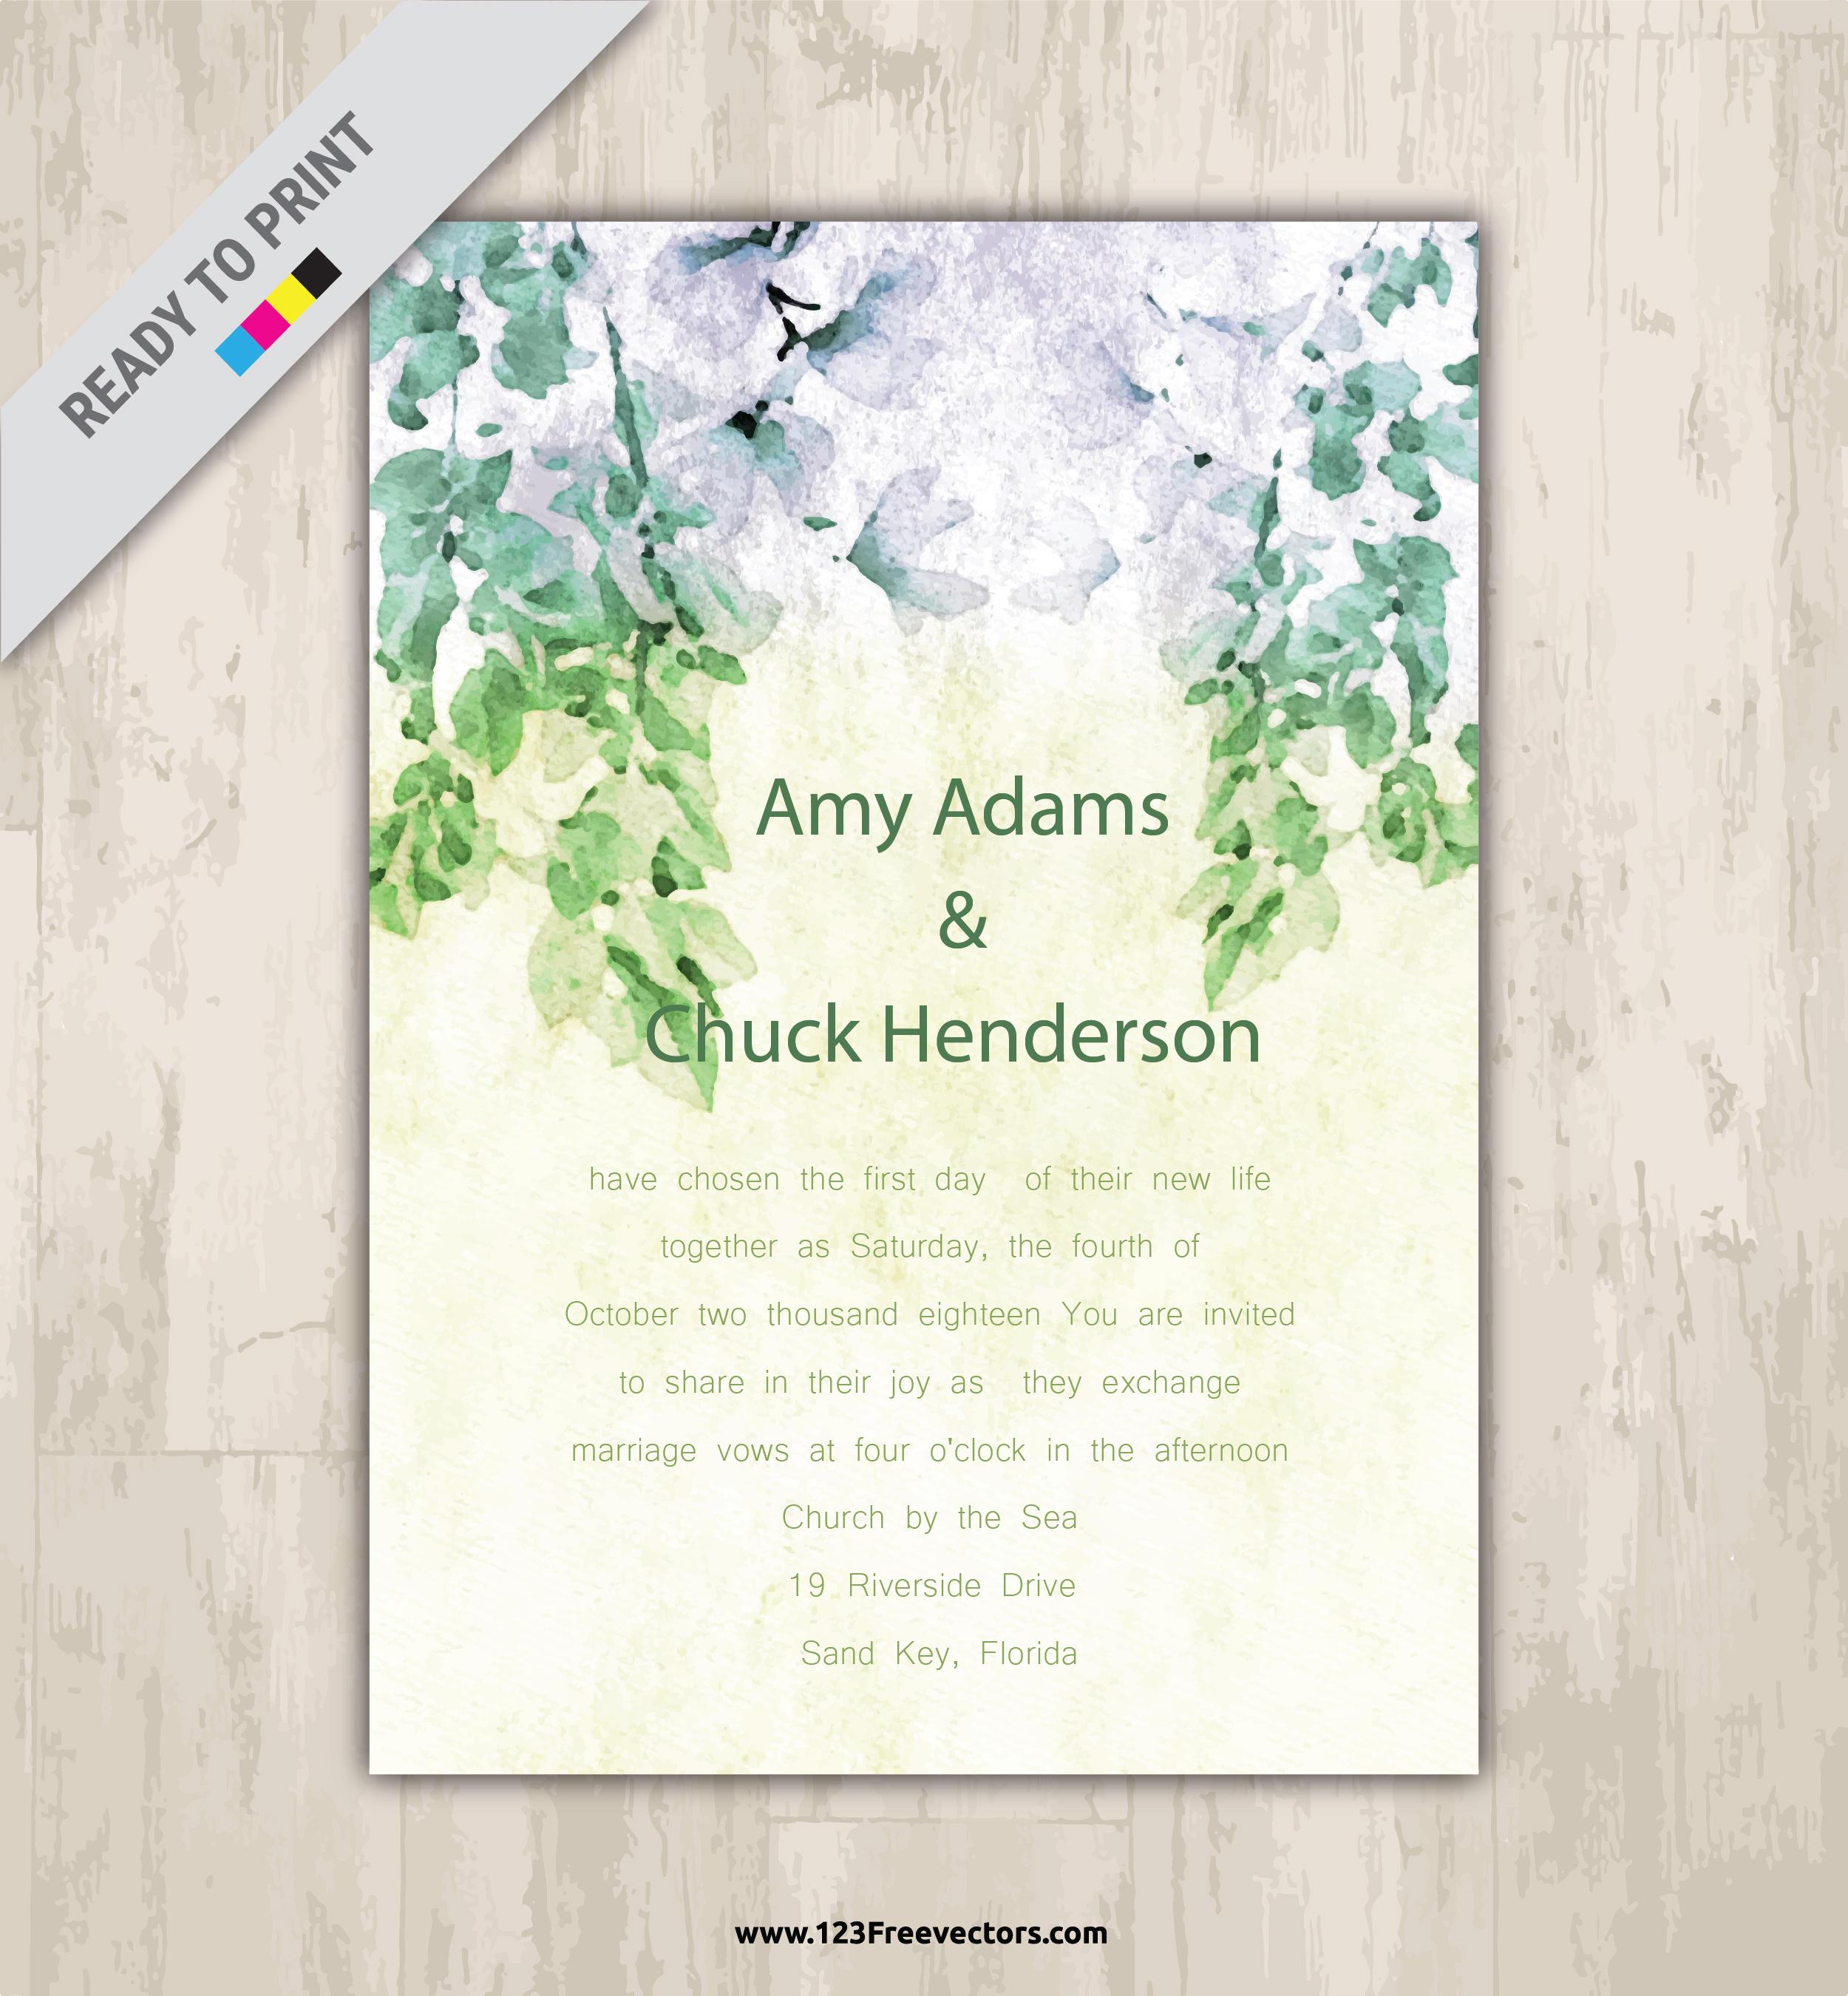 250 Wedding Invitation Templates Vectors Download Free Vector Art